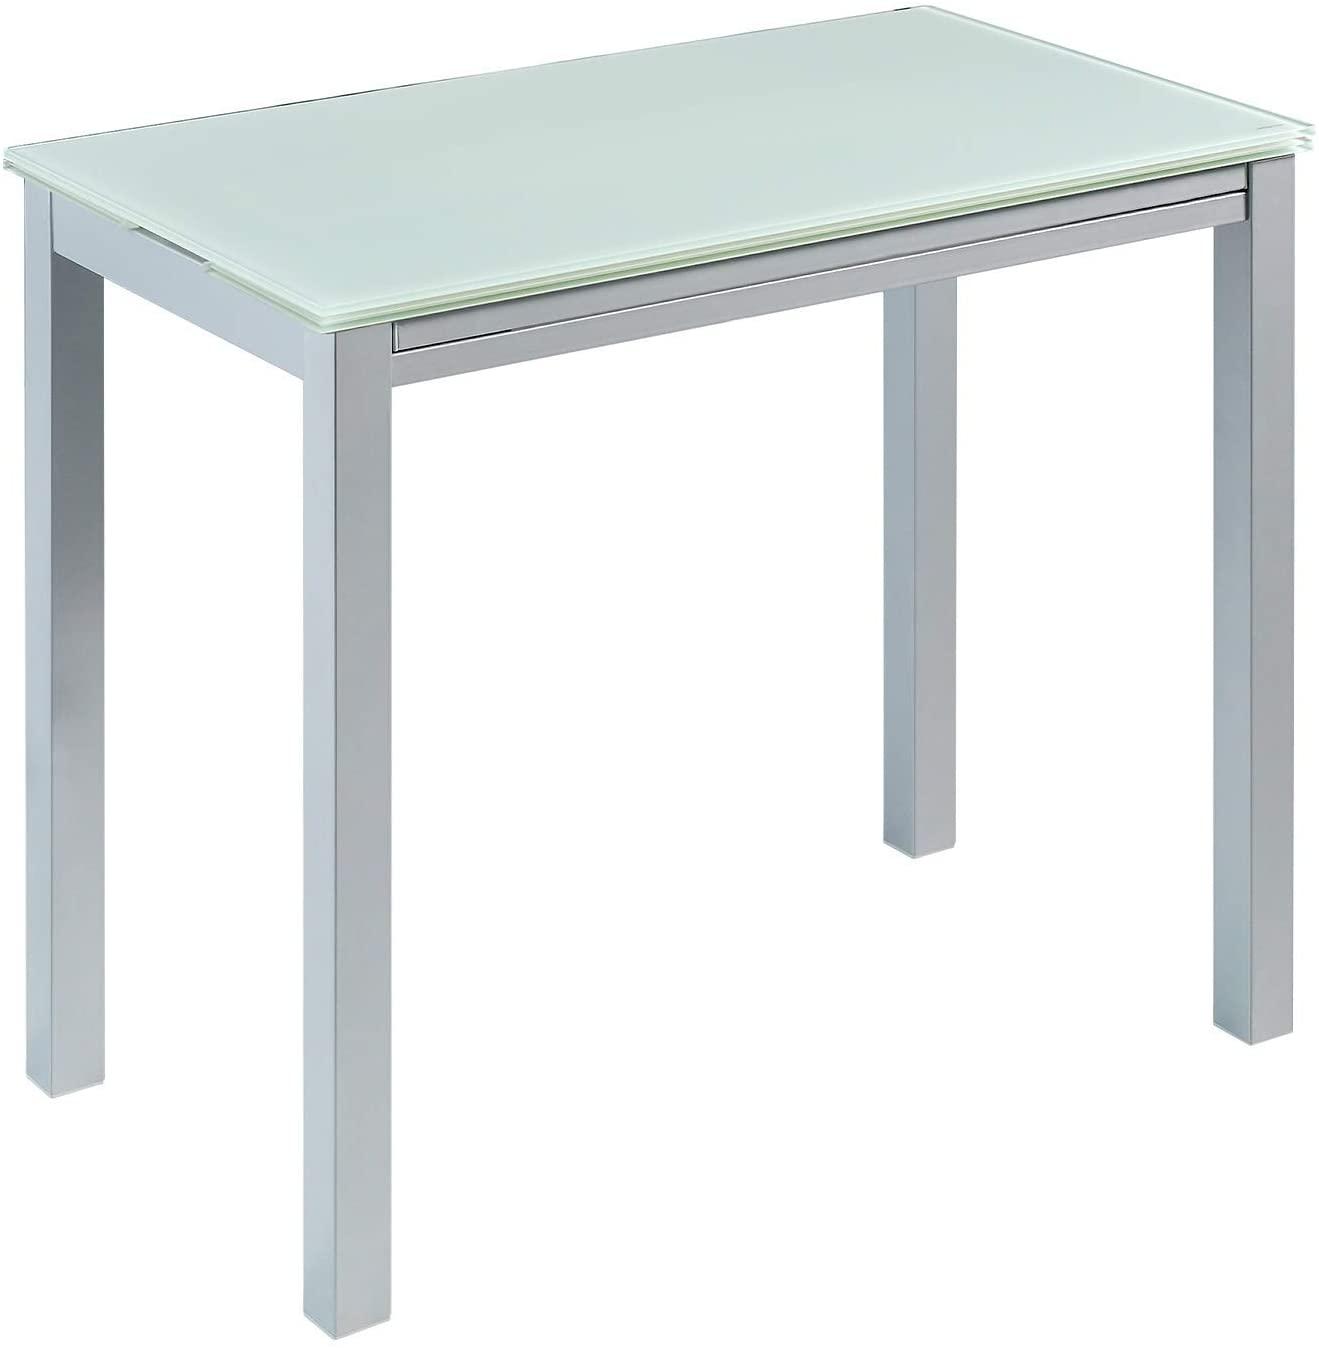 MOMMA HOME Mesa de Cocina Extensible - Modelo Londres - Color Blanco/Plata - Material Cristal Templado/Metal - Medidas 95 x 55/95 x 76 cm